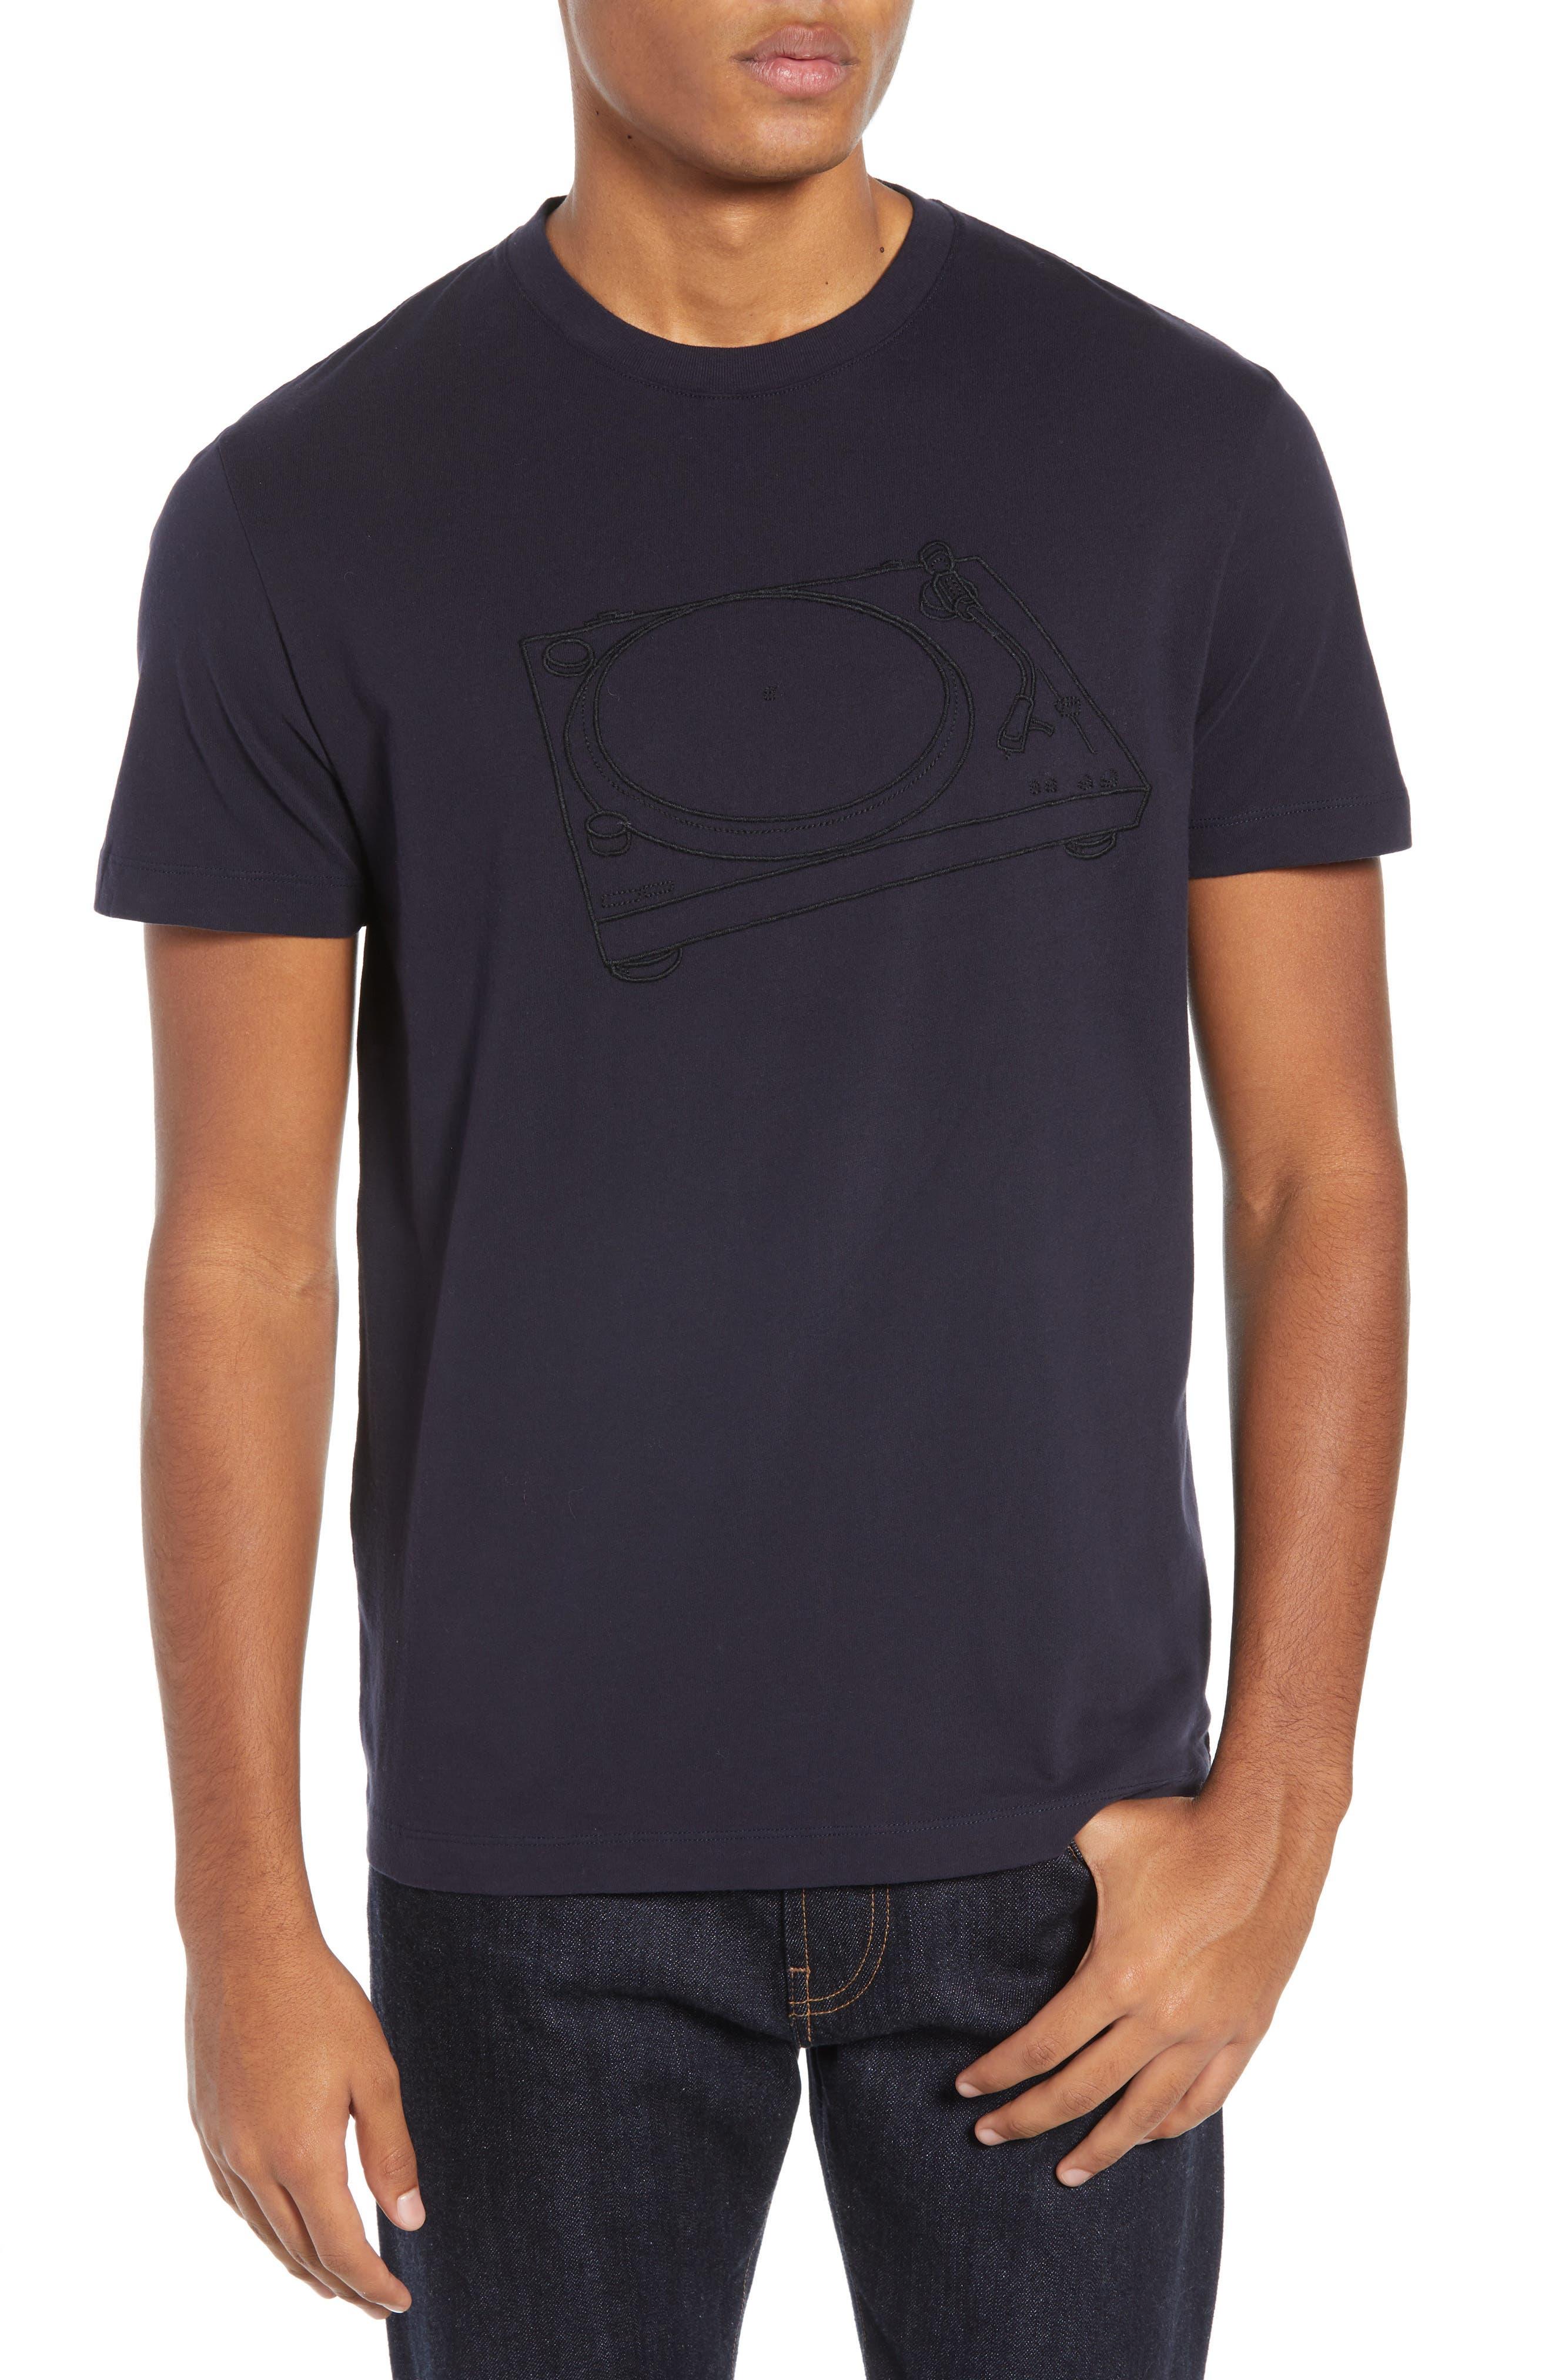 Decks Regular Fit Cotton T-Shirt,                             Main thumbnail 1, color,                             UTILITY BLUE BLACK